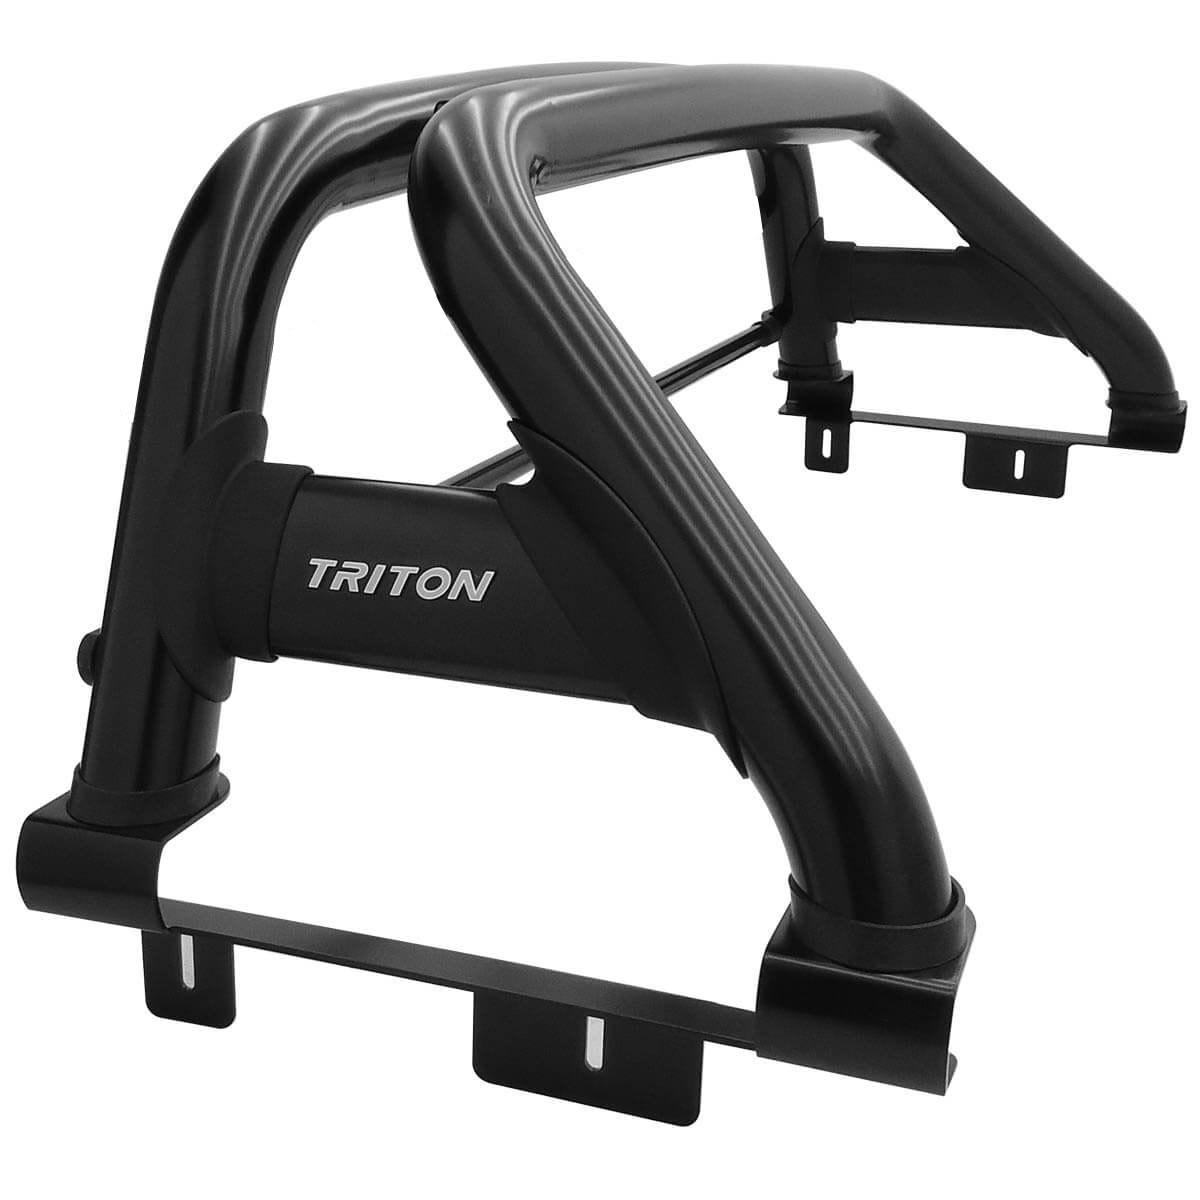 Santo antônio duplo preto L200 Triton Sport 2017 a 2020 e L200 Triton Outdoor 2021 com barra de vidro